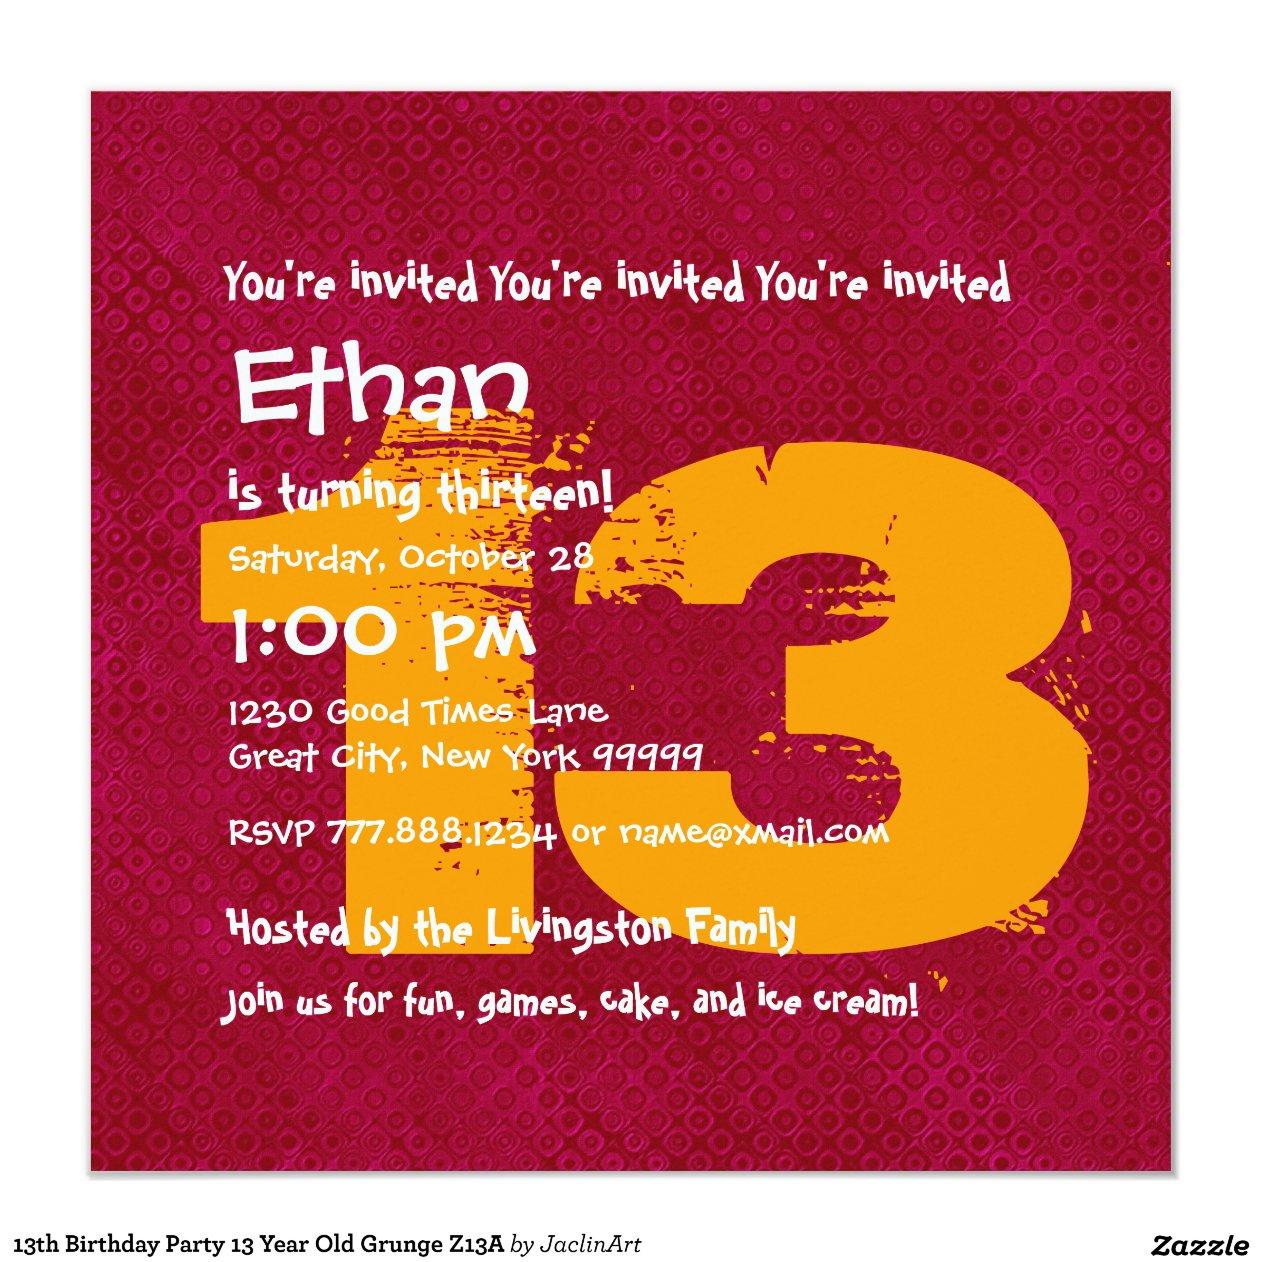 13 year birthday card ideas 13th birthday party 13 year